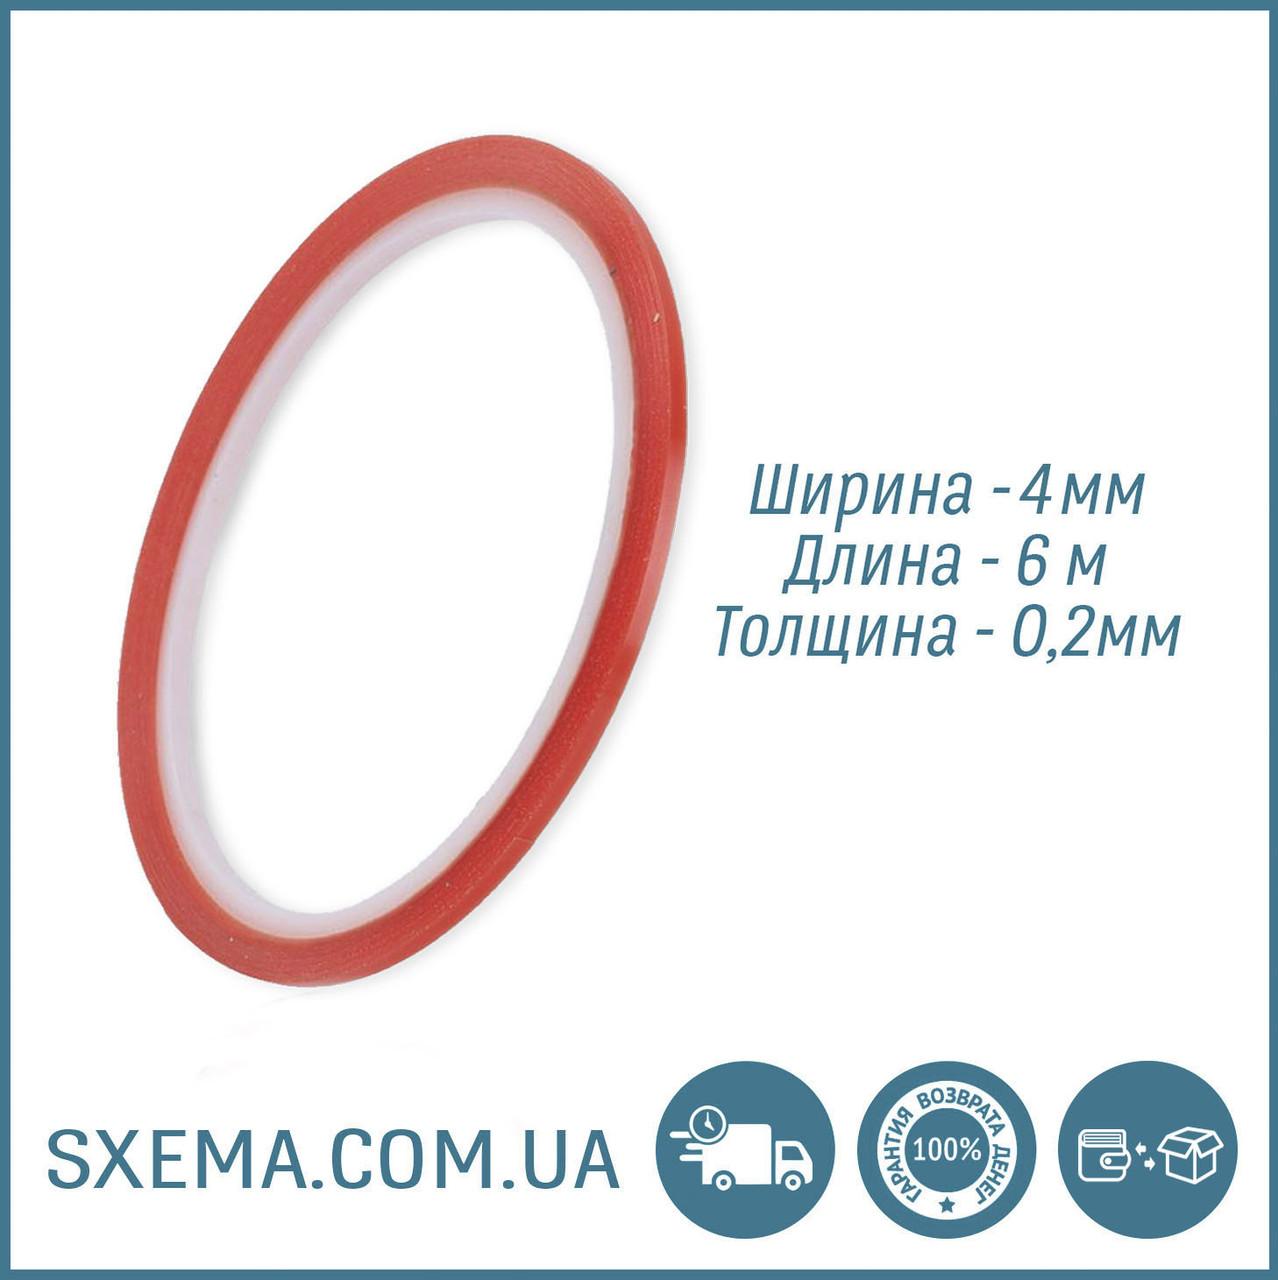 Двухсторонний скотч акриловый, толщина 0.2мм, ширина 4мм, длина 6м